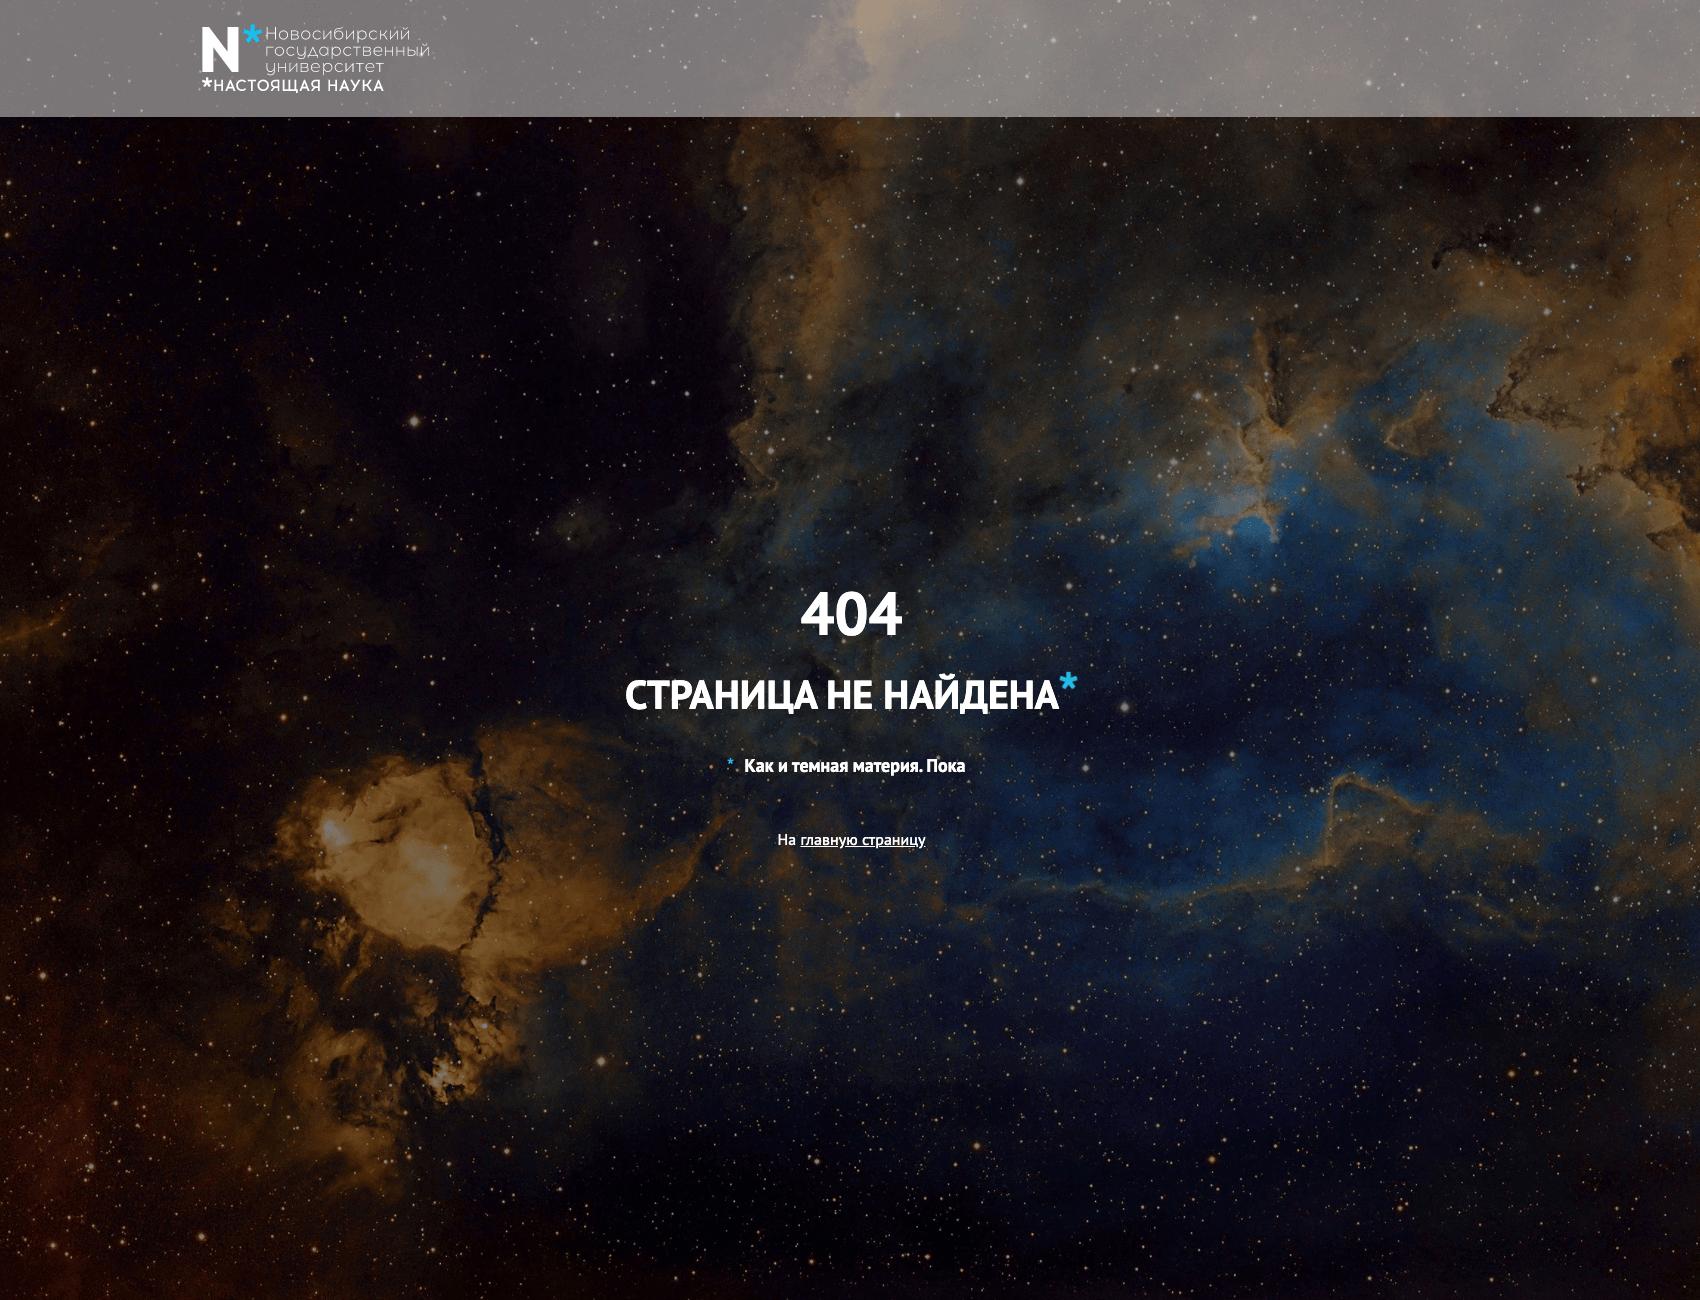 404-erorrs